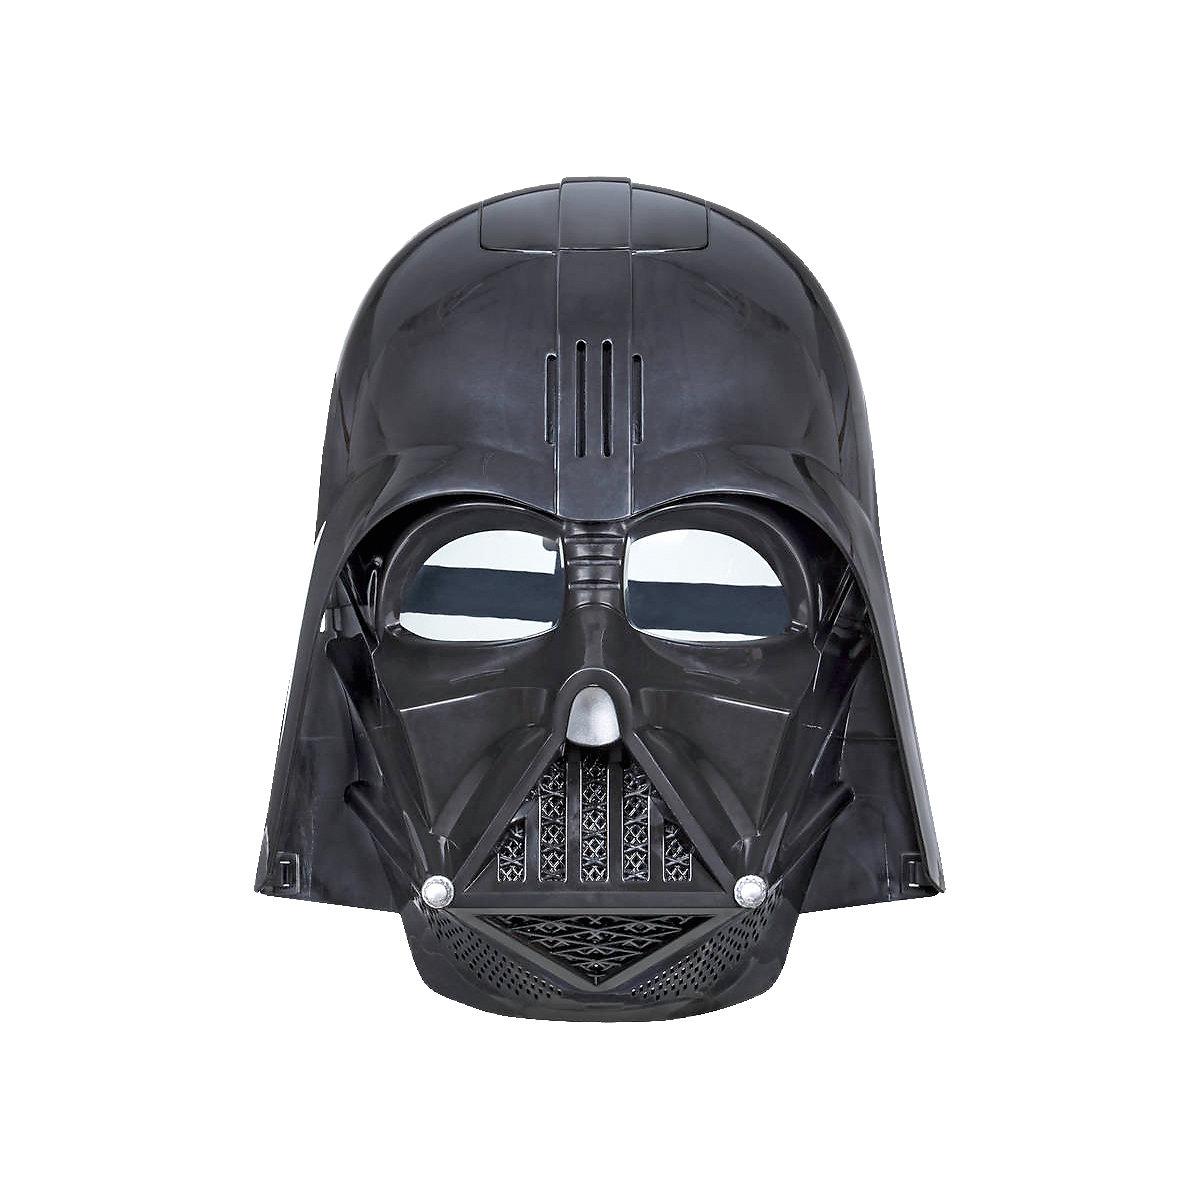 star wars e7 darth vader maske mit stimmenverzerrer star